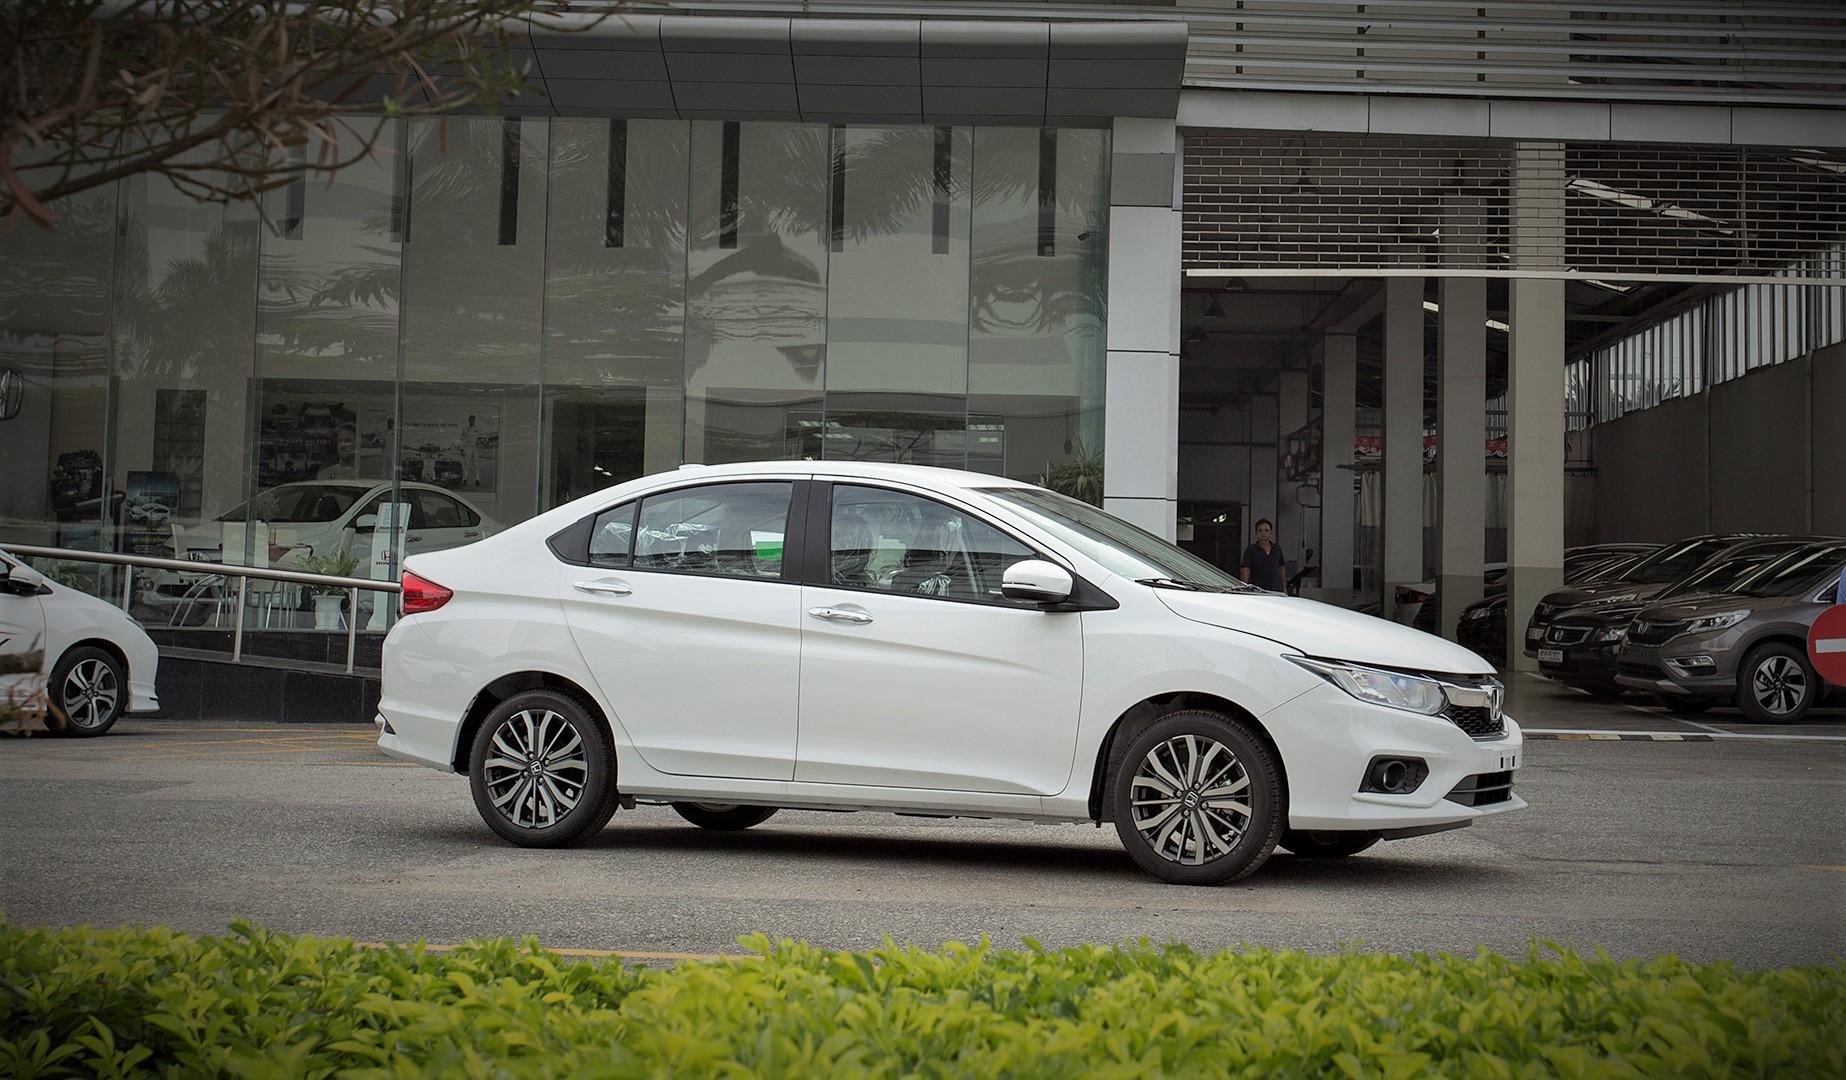 4 mẫu ô tô mới gia nhập thị trường Việt trong tháng 6/2017. Chỉ trong chưa đầy một tuần cuối tháng 6/2017, thị trường trong nước đã đón nhận thêm 4